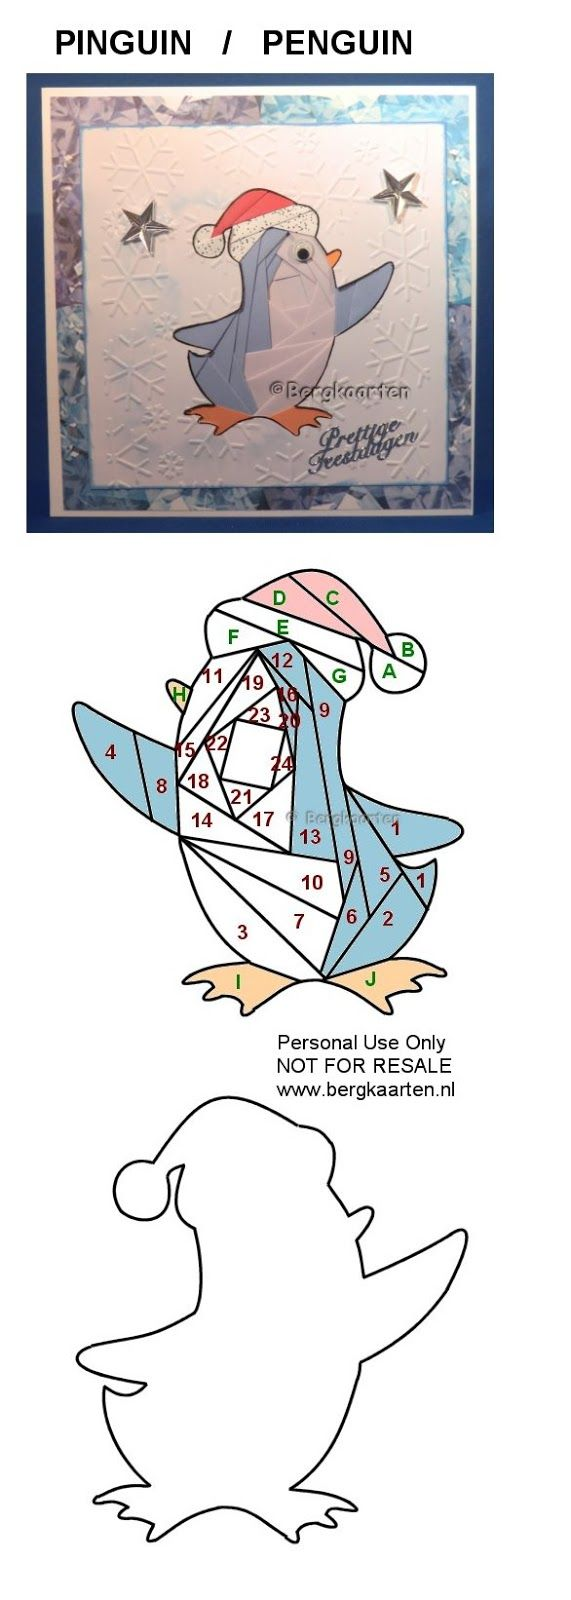 Pinguin.jpg (571×1600)